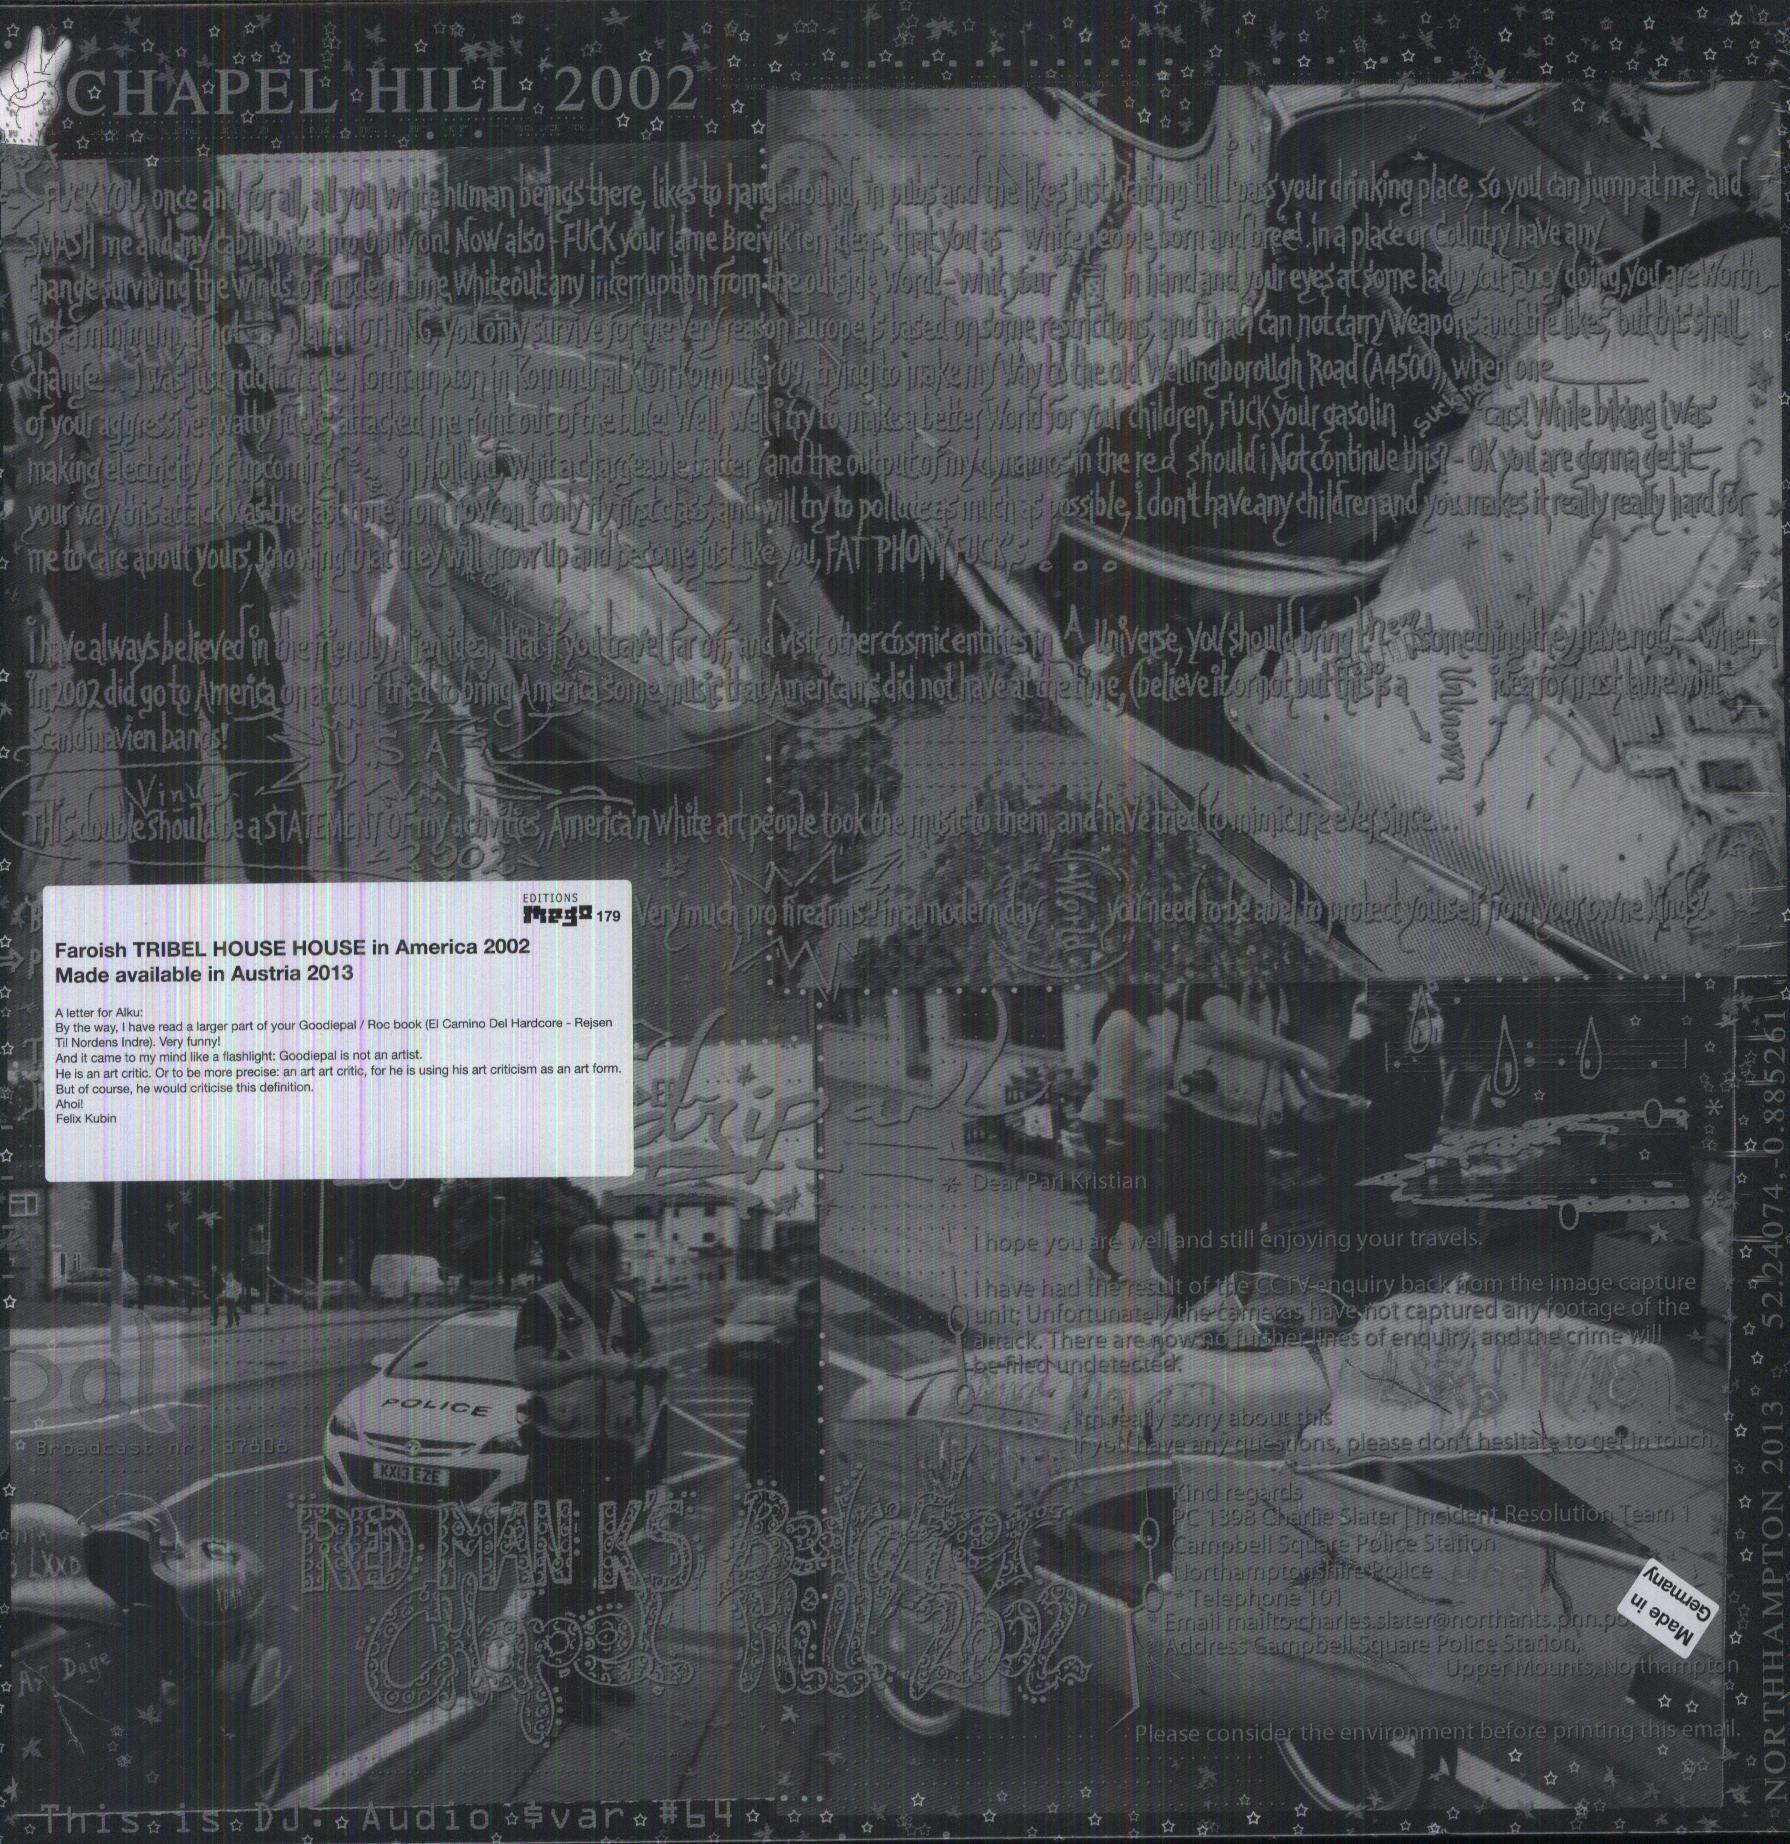 Goodiepal - Man K's Bedrifter - Goodiepal Live, Chapel Hill 2002